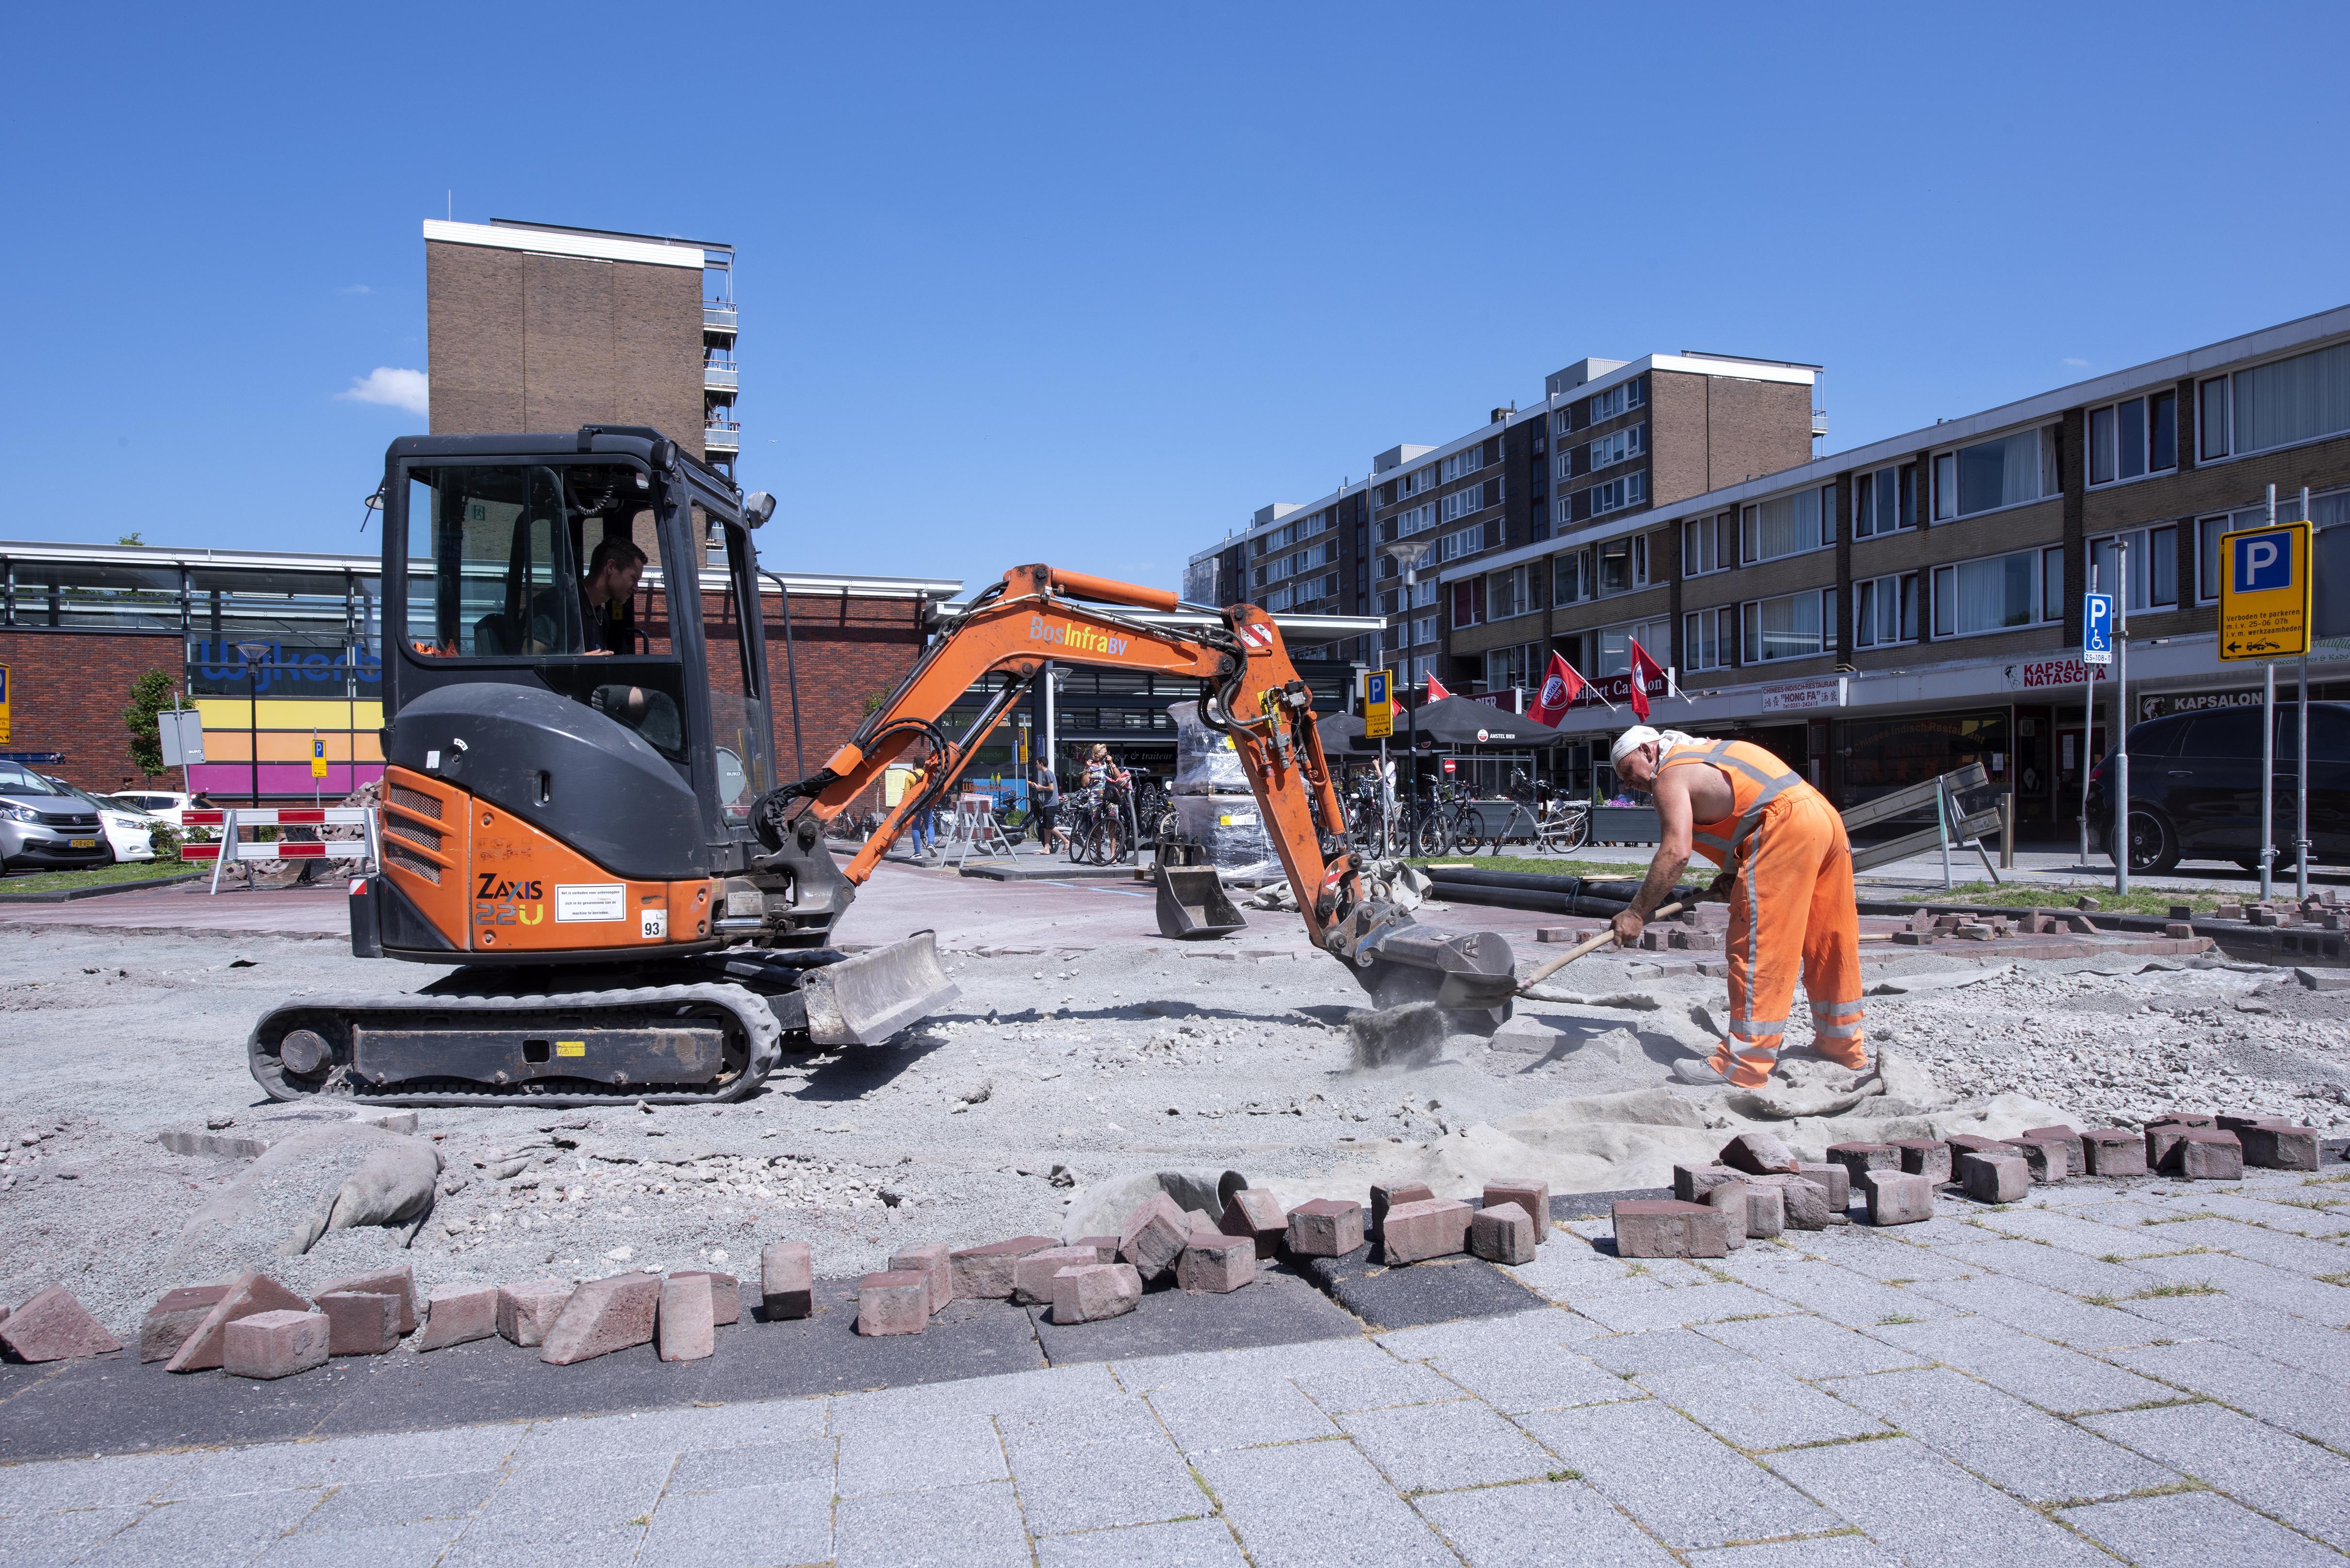 Nagelnieuw wegdek functioneert niet; grote waterplassen op 'duurzame' straten in Beverwijk. Omwonenden houden hun hart vast voor de komende regenachtige week